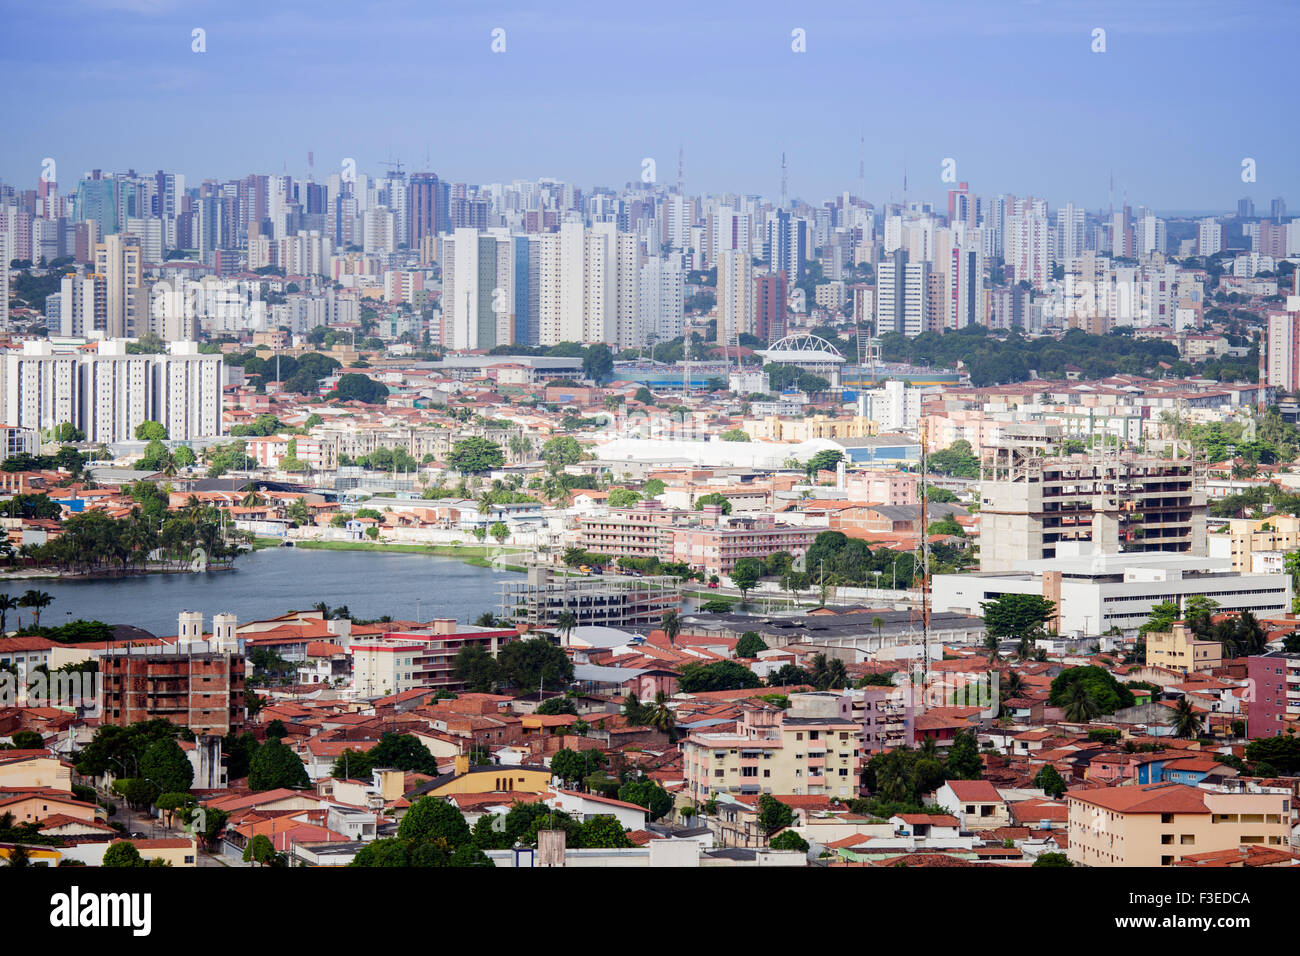 Toits de la ville de Fortaleza, État de Ceara, Brésil. Fortaleza a l'un des plus hauts taux de criminalité Photo Stock